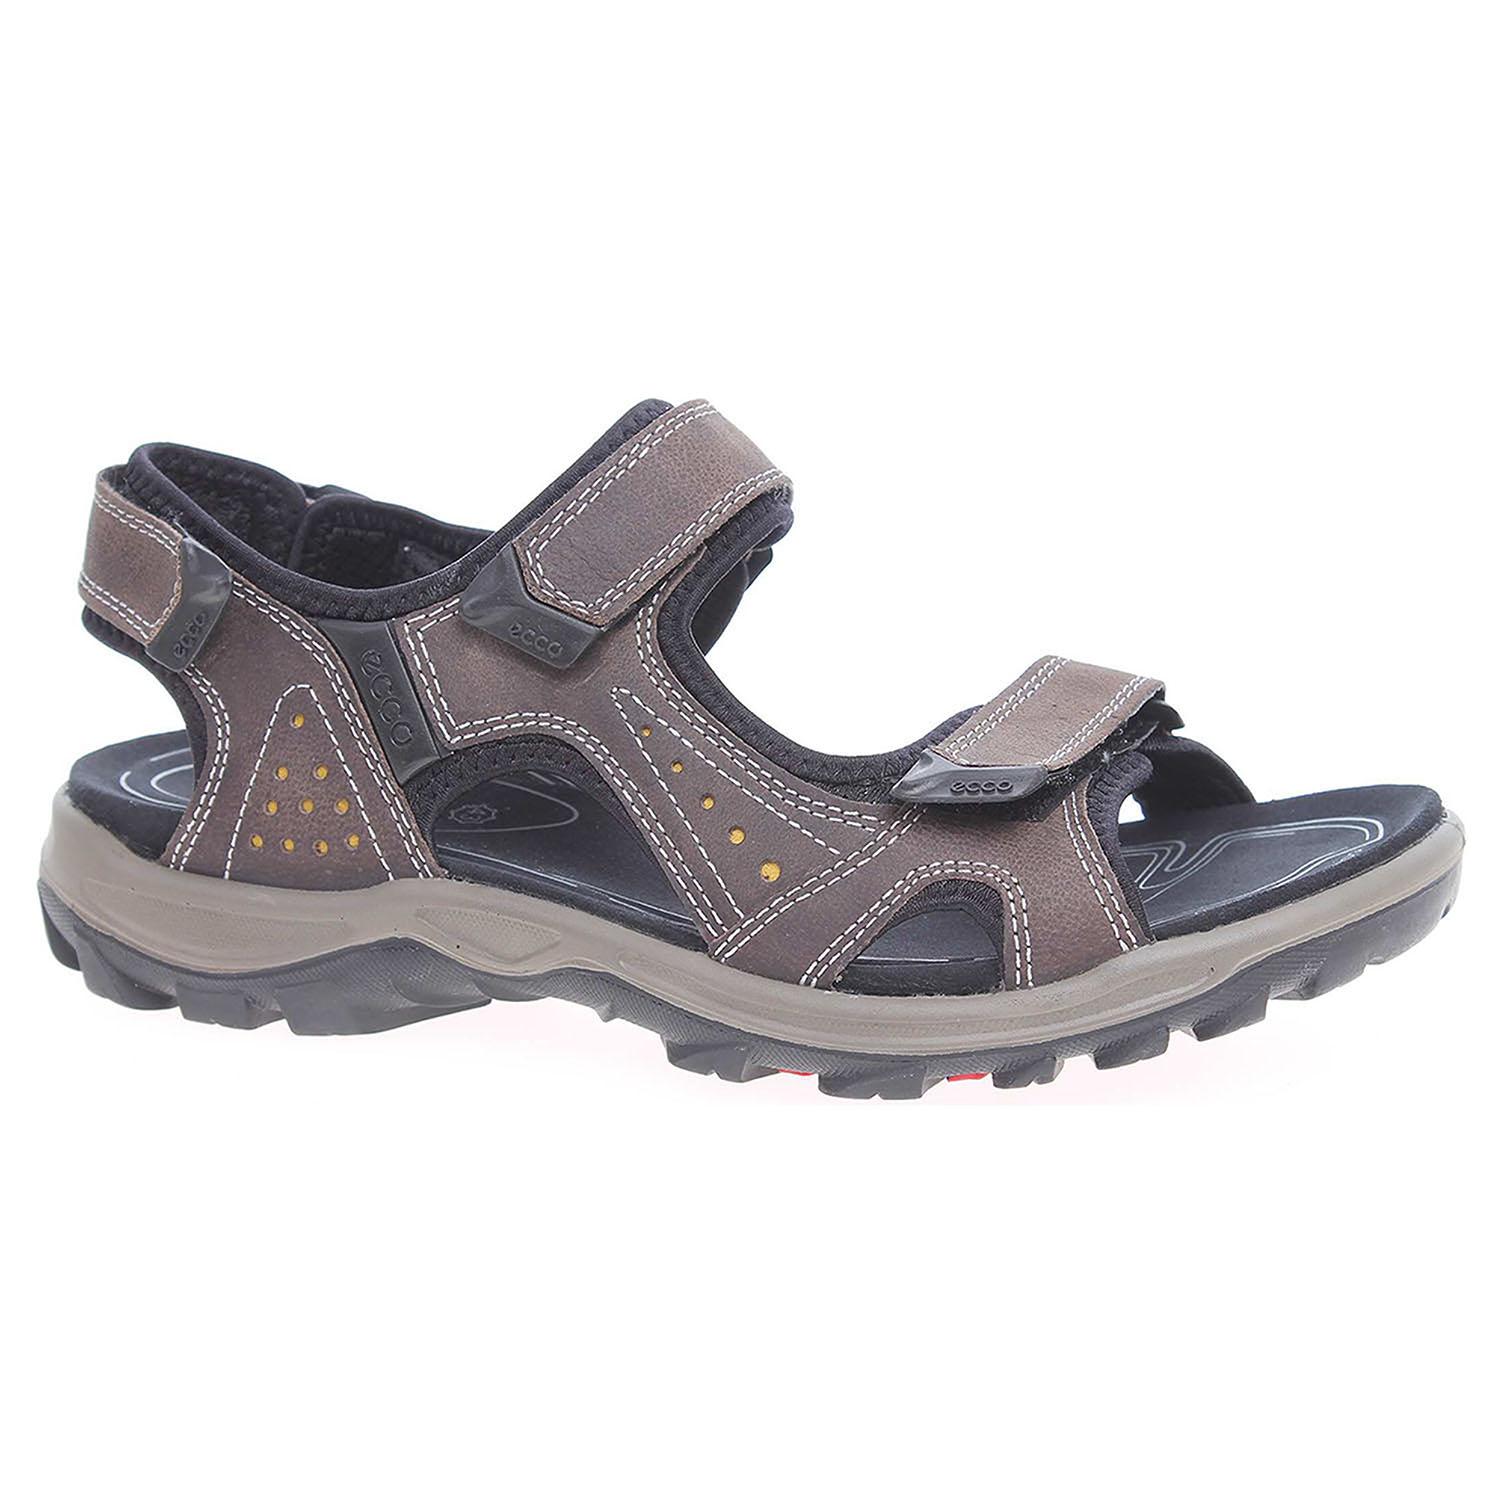 5fe619571229 Ecco Pánské sandály Ecco Offroad Lite 82002455886 šedé 24700239